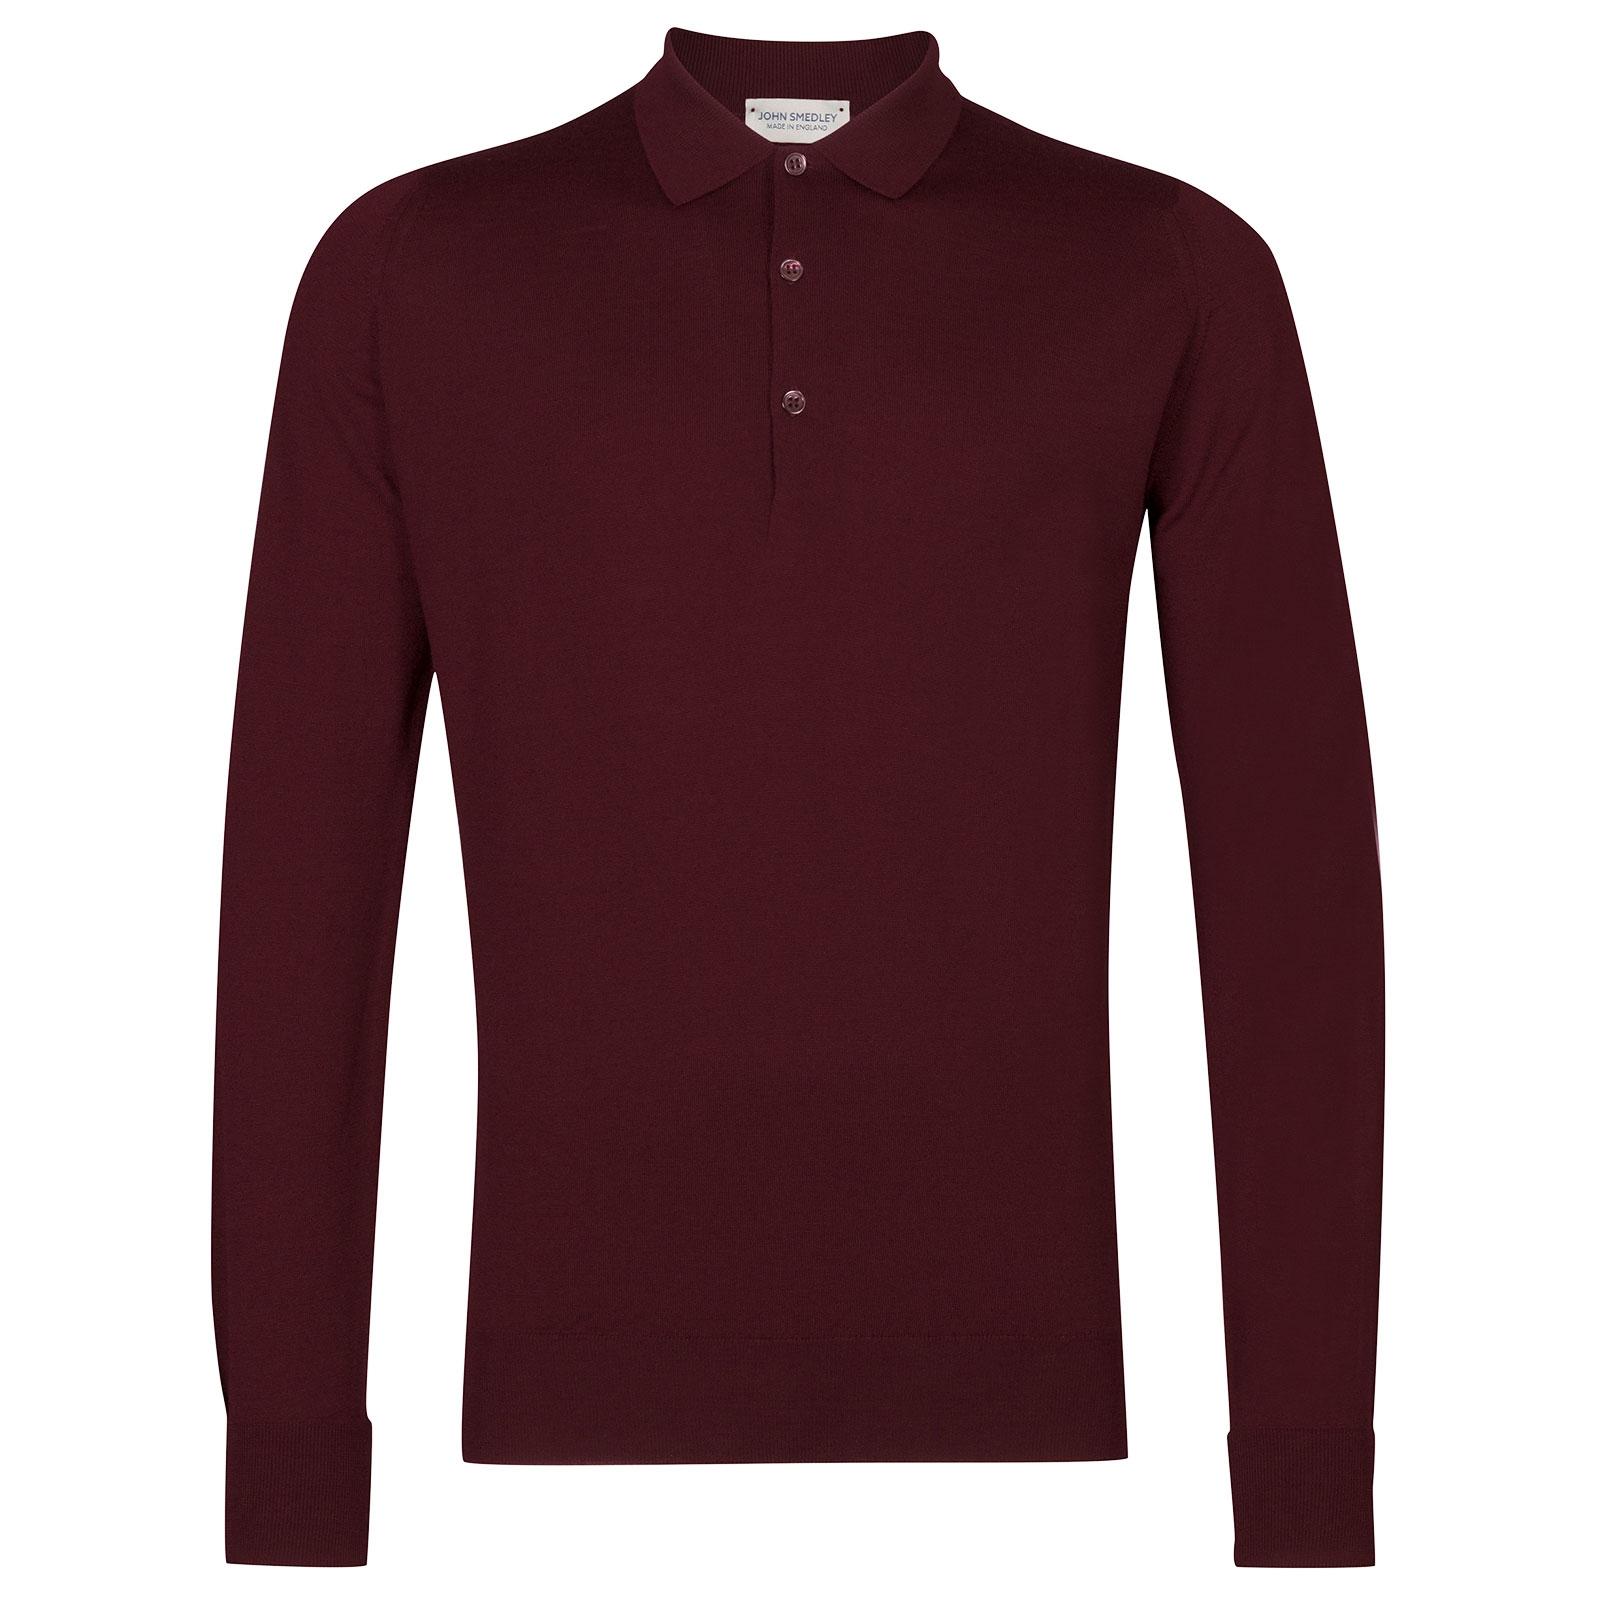 John Smedley Cotswold Merino Wool Shirt in Bordeaux-L